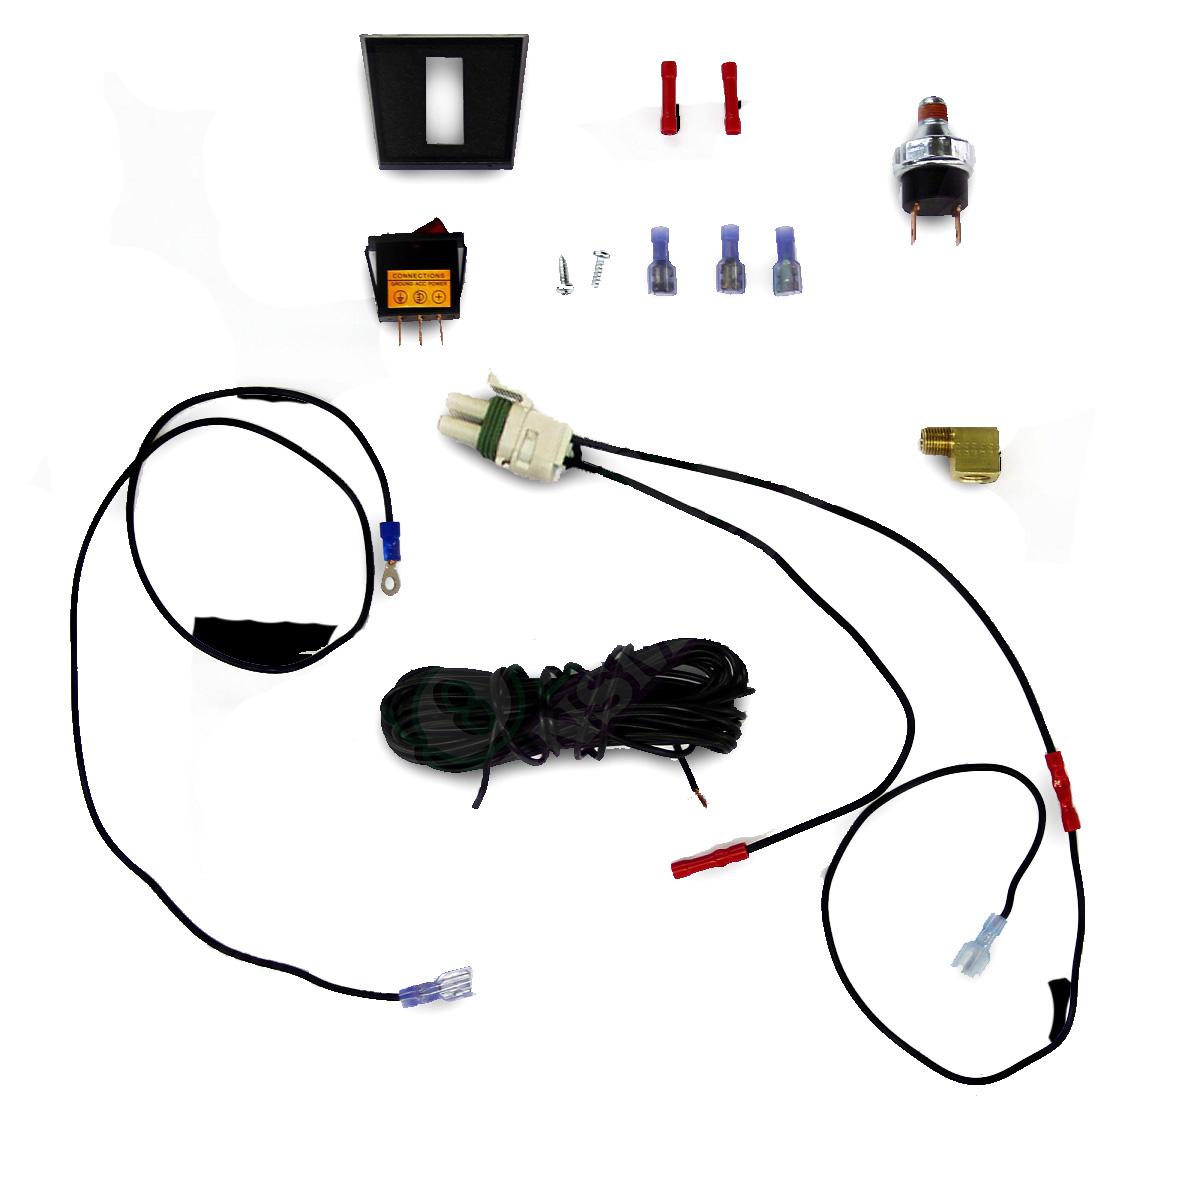 700r4 Converter Lock Up Wiring Kit Diagram